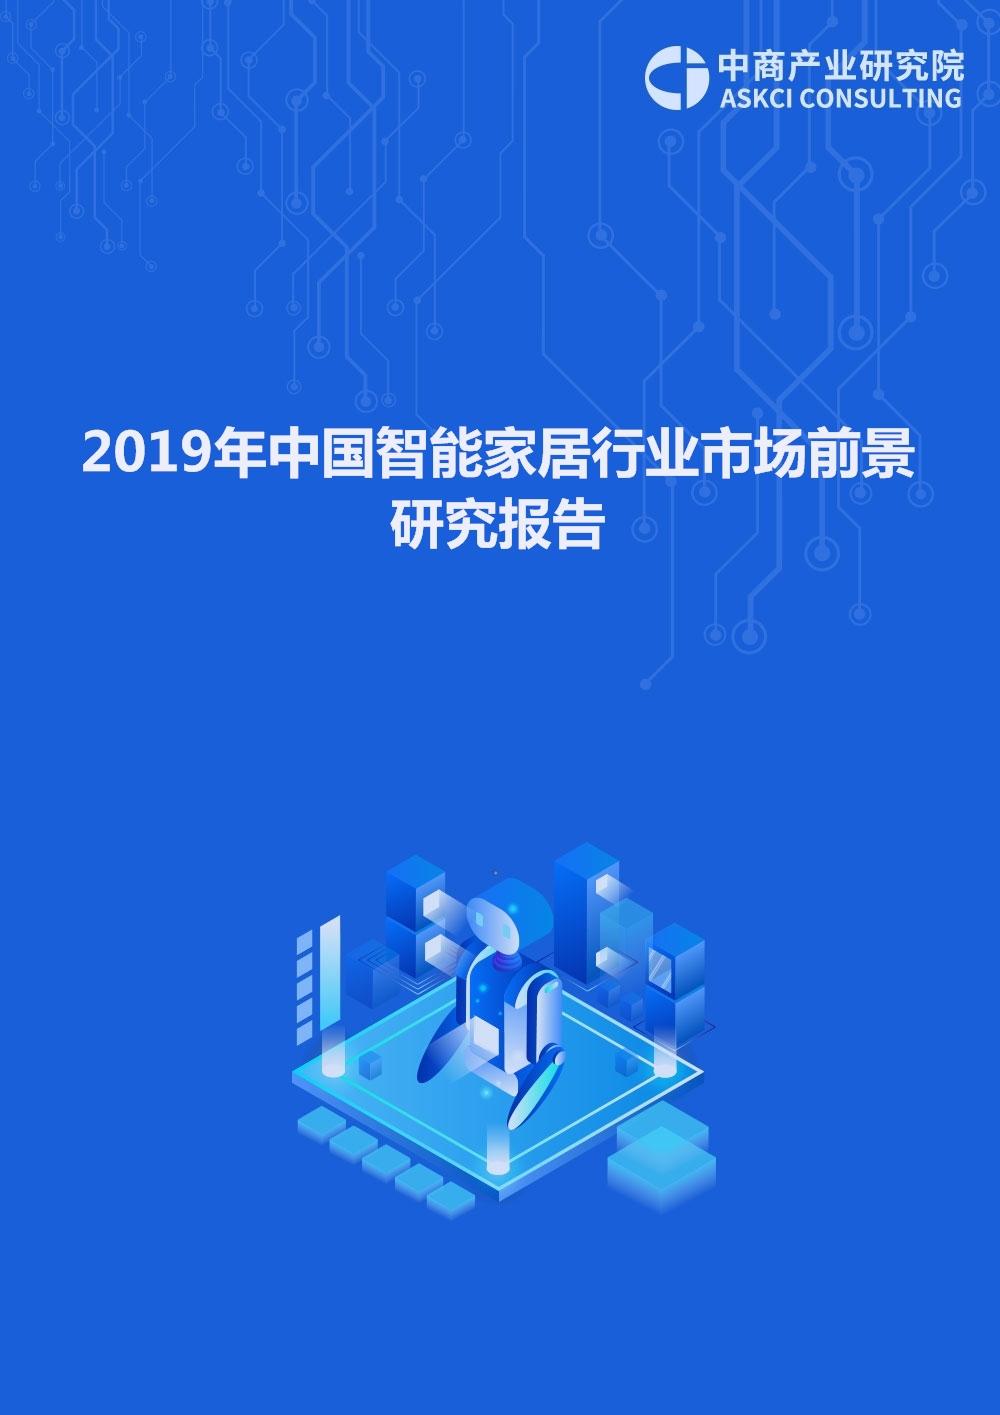 2019年中国智能家居行业市场前景研究报告